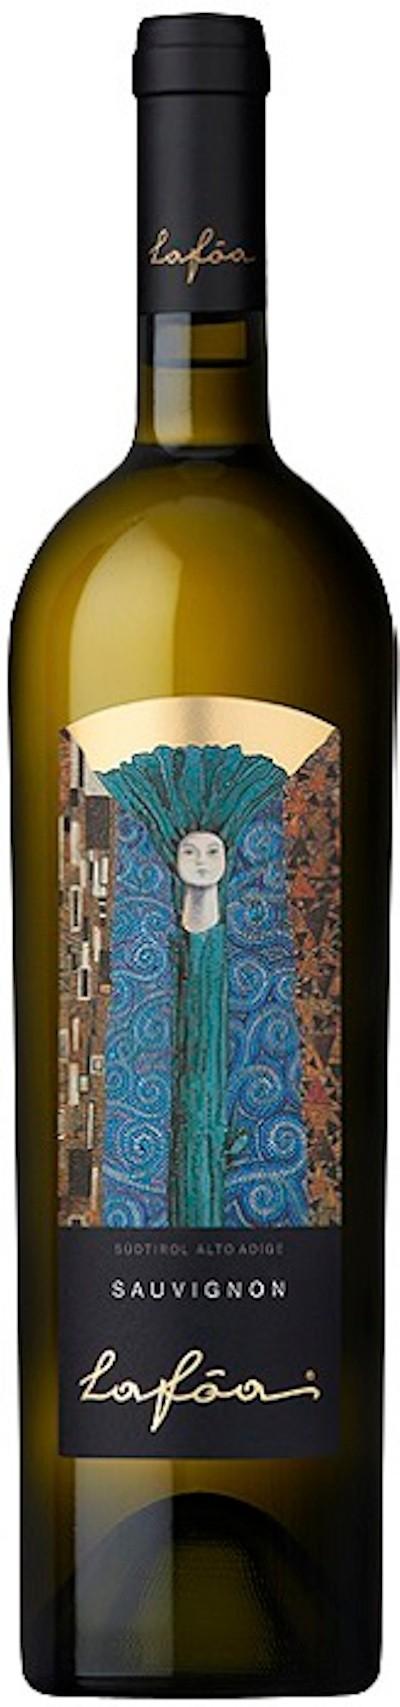 Schreckbichl - Sauvignon Blanc Lafoa DOC